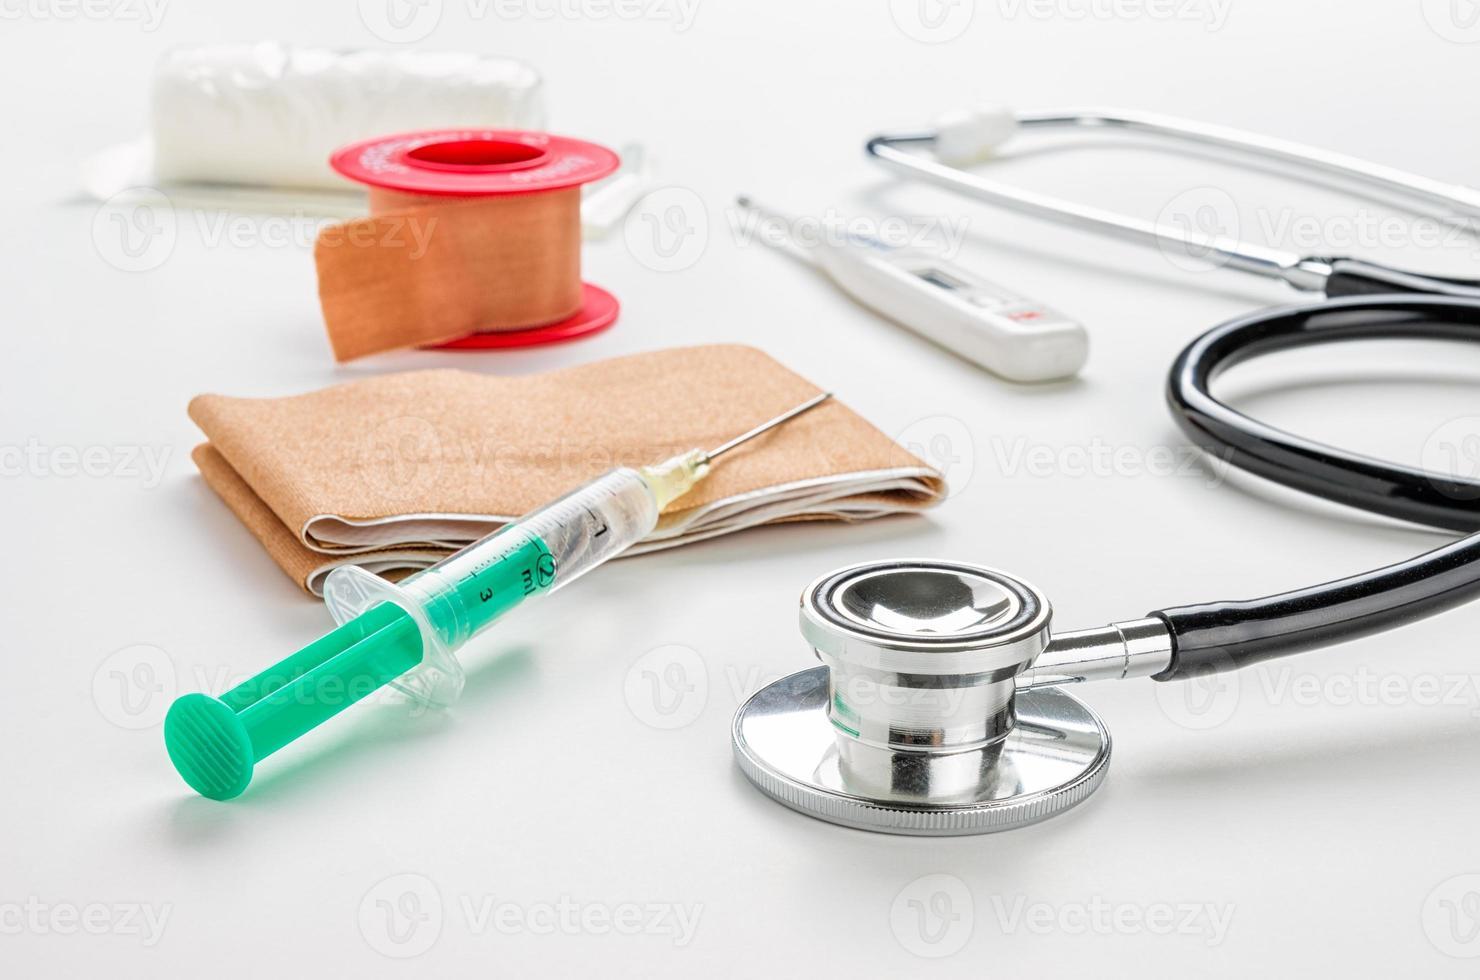 medische producten en apparatuur foto